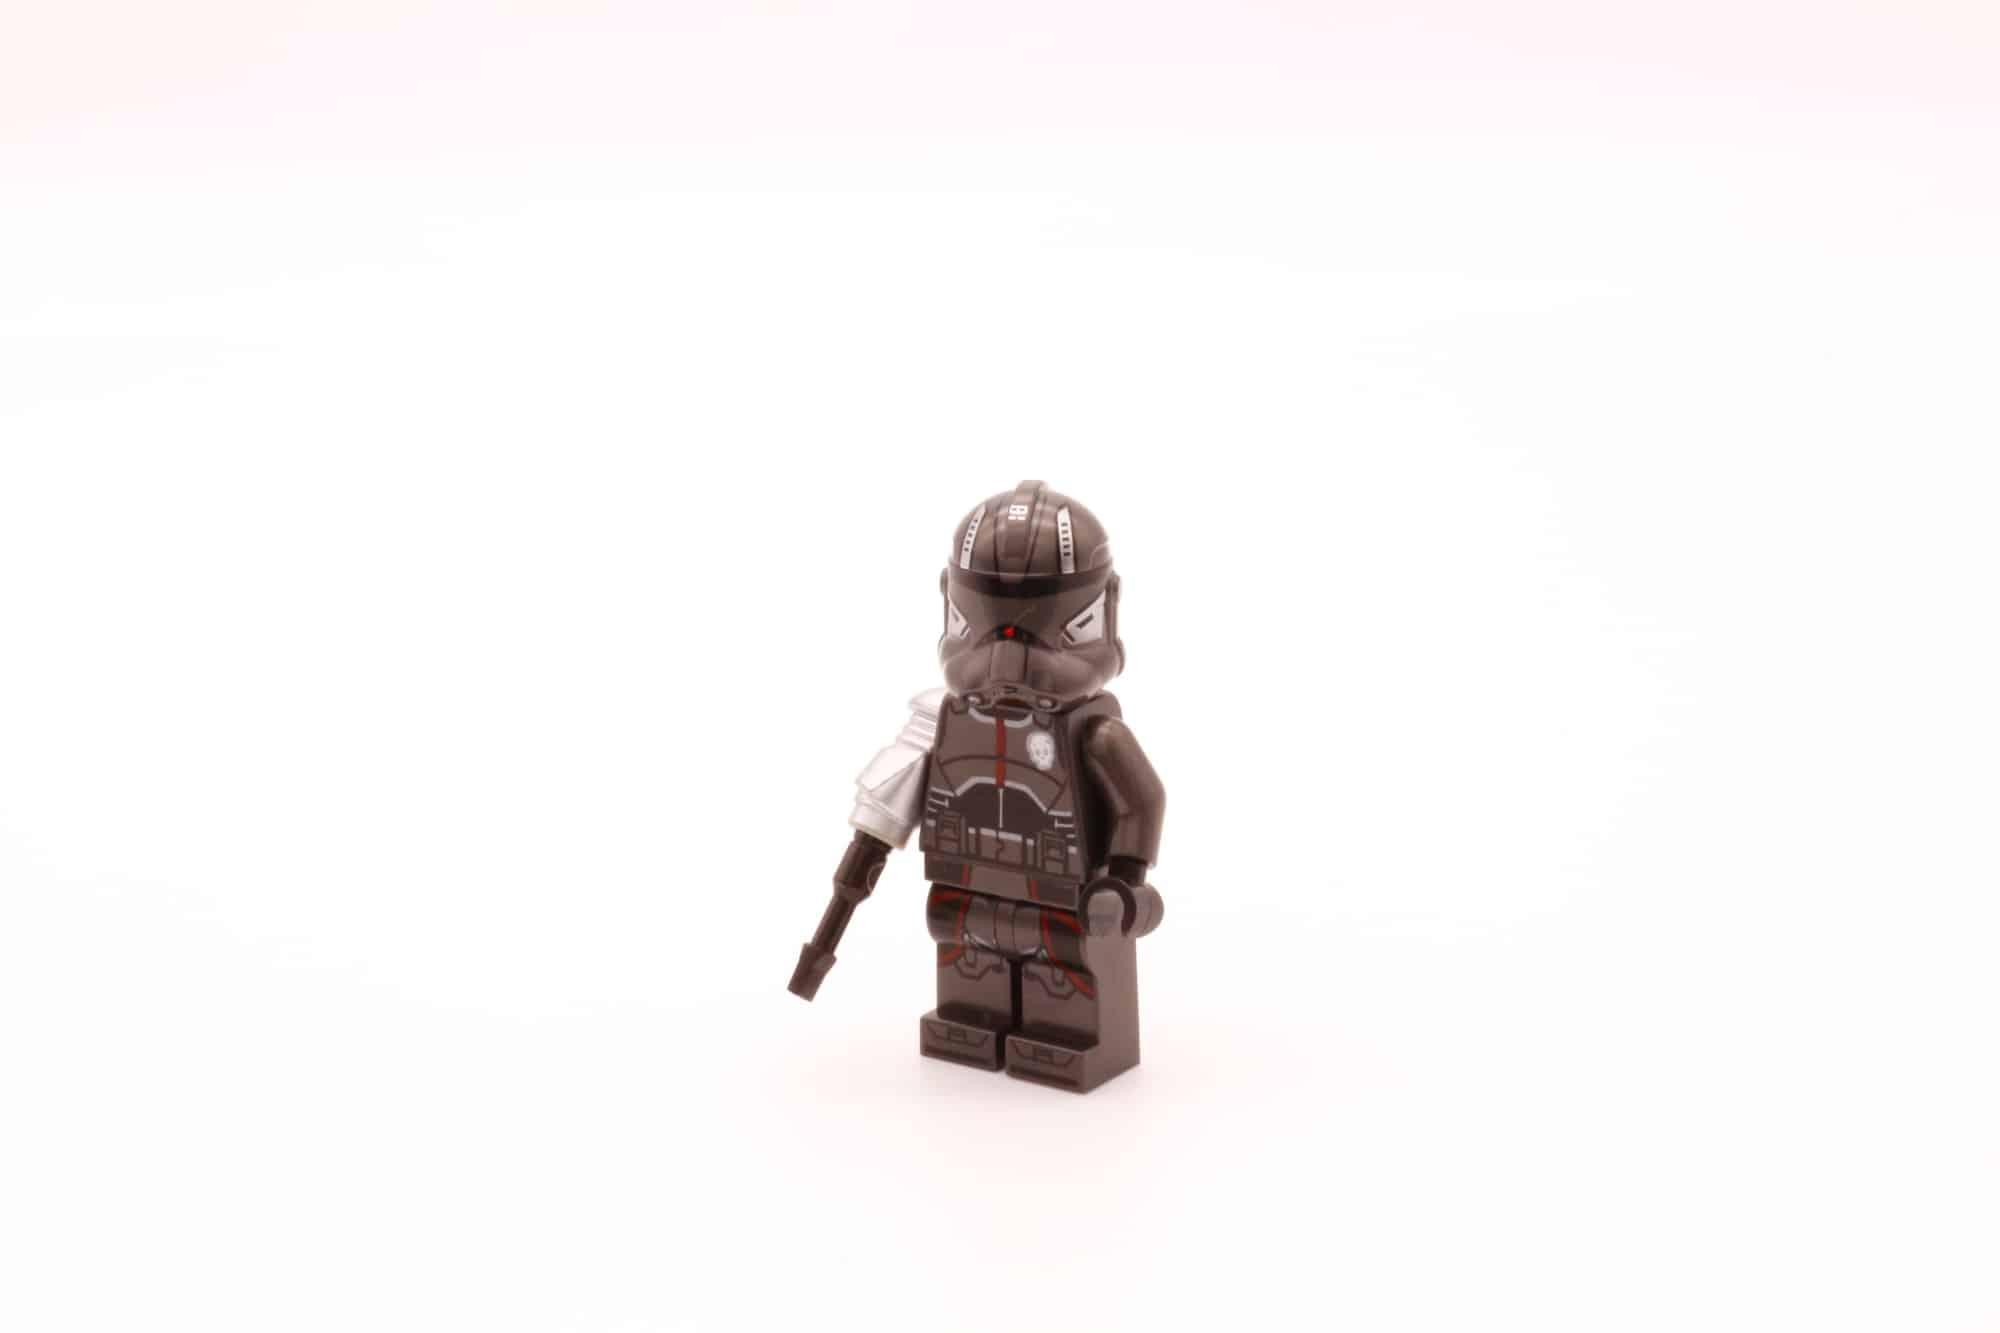 LEGO Star Wars 75314 The Bad Batch Attack Shuttle Echo Custom Arm